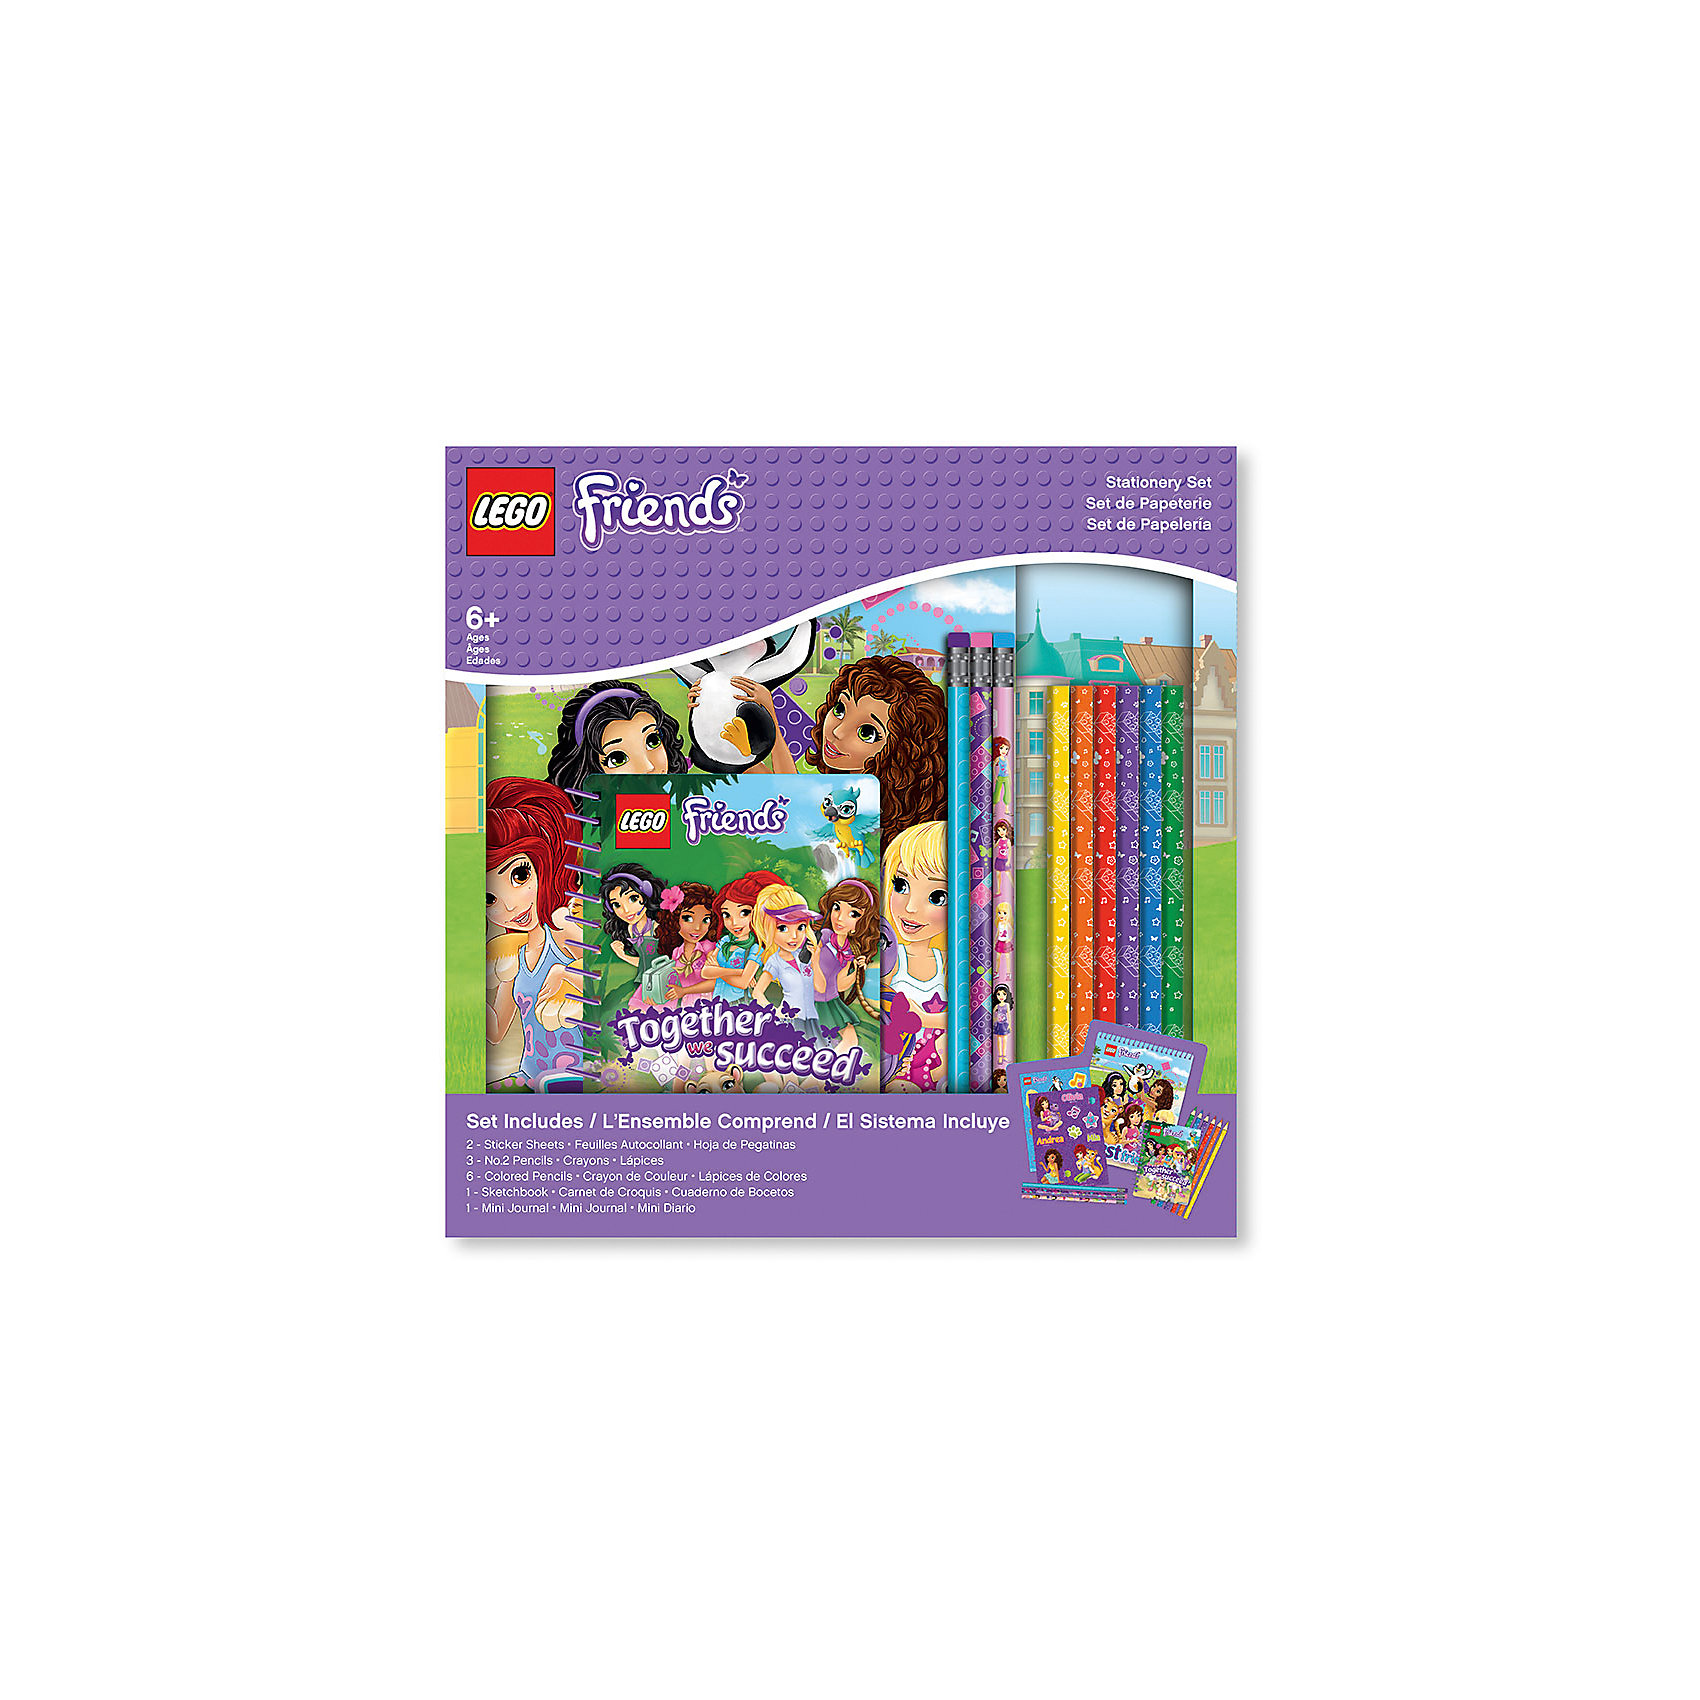 Набор канцелярских принадлежностей, 13 шт. в комплекте, LEGOШкольные аксессуары<br>Альбом для рисования на спирали (1 шт.) 60 листов, 17,8х0,5х22,8 см<br>Наклейки (2 листа) 12,7х17,7 см<br>Карандаши (3 шт.)<br>Цветные карандаши (6 шт.)<br>Блокнот на спирали (1 шт.) 100 листов,10х1х13,9 см<br><br>Ширина мм: 277<br>Глубина мм: 40<br>Высота мм: 277<br>Вес г: 600<br>Возраст от месяцев: 36<br>Возраст до месяцев: 72<br>Пол: Женский<br>Возраст: Детский<br>SKU: 5529381